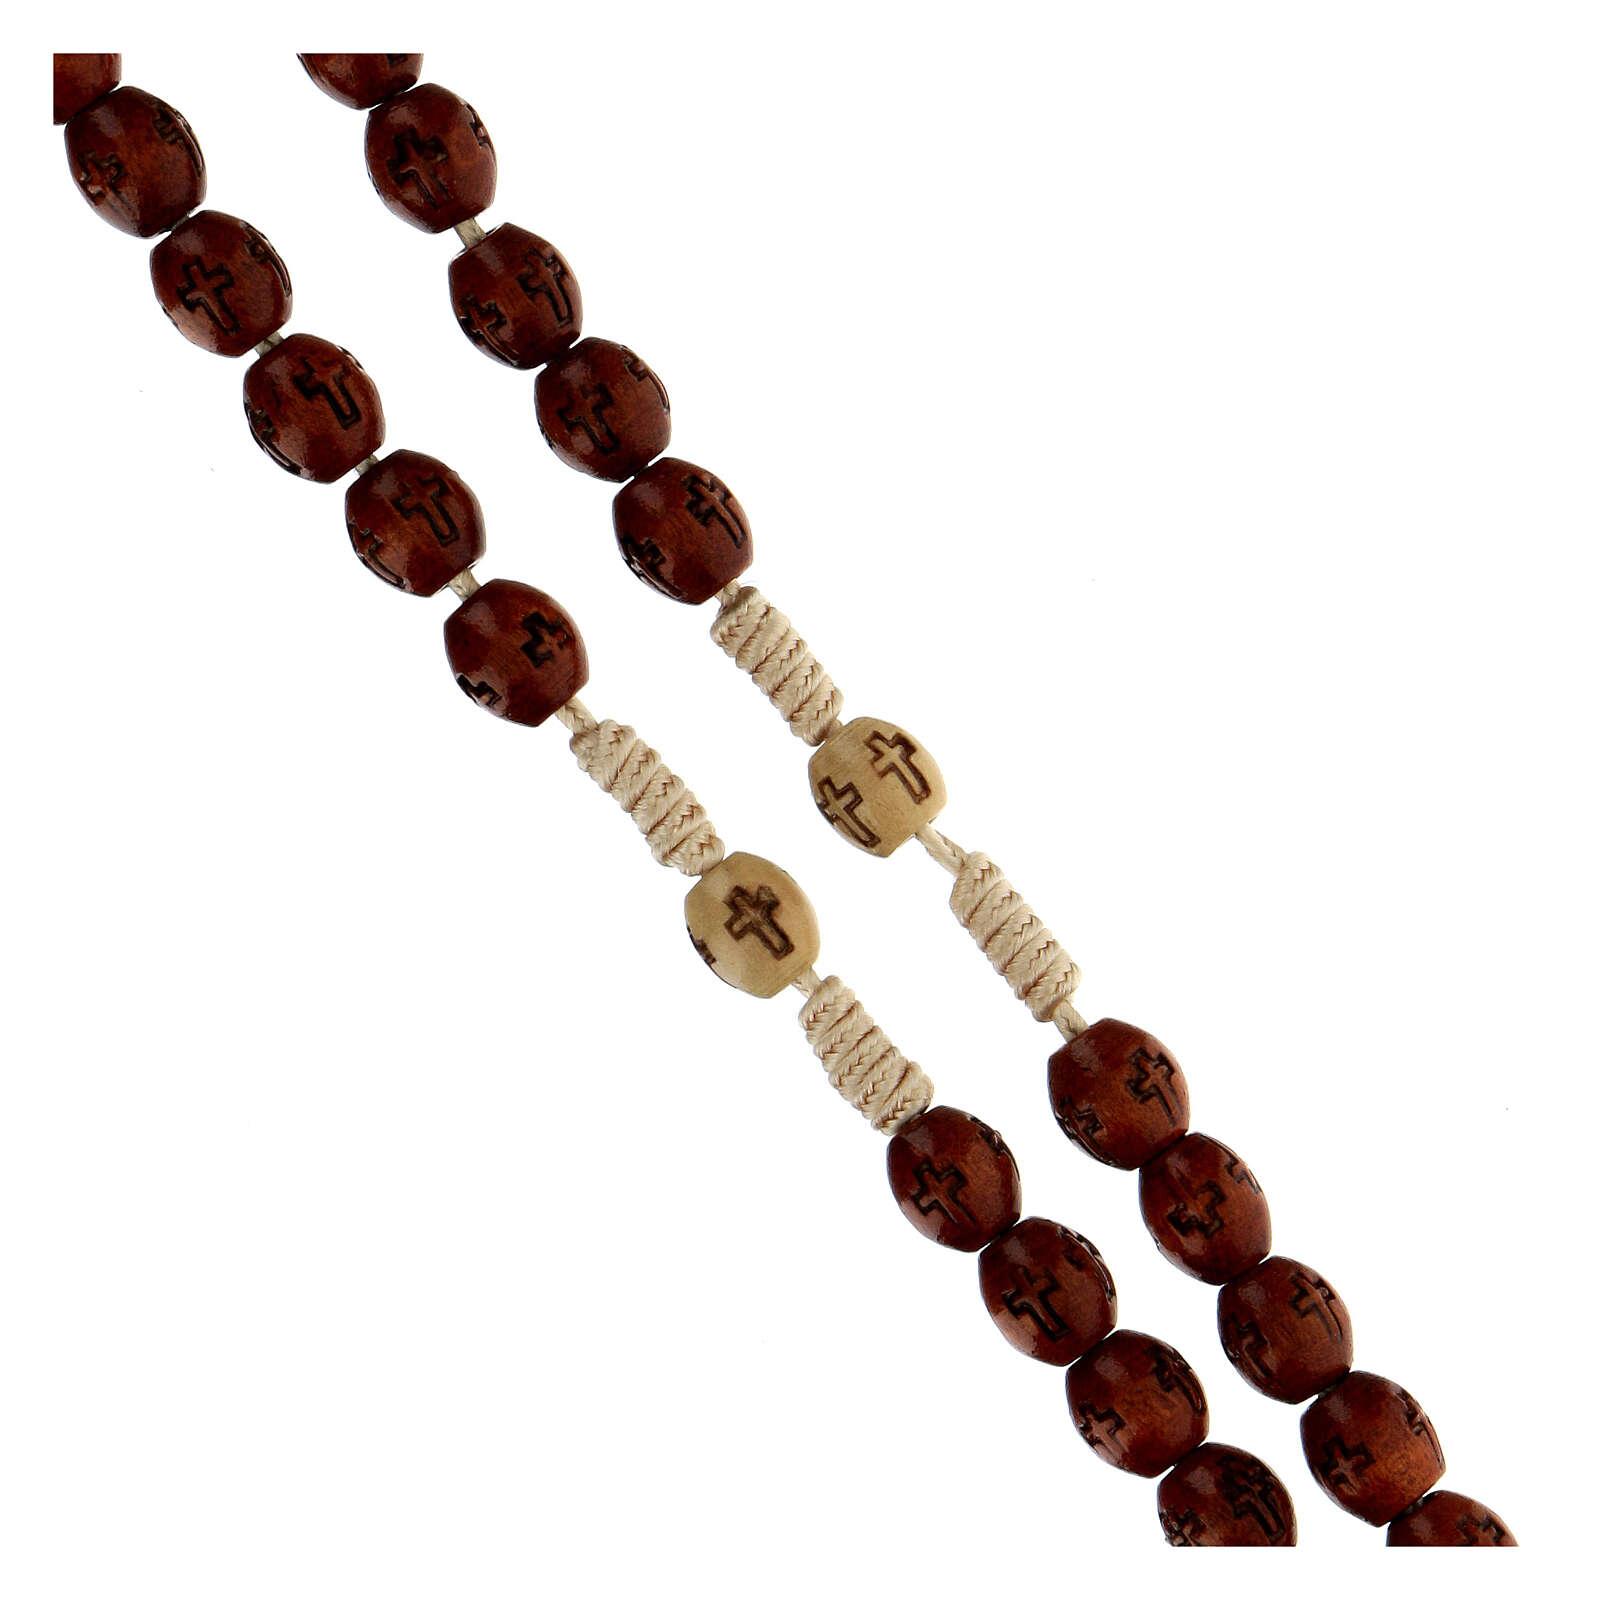 Rosario de cuerda soutache marrón granos ovalados de madera 7x5 mm 4